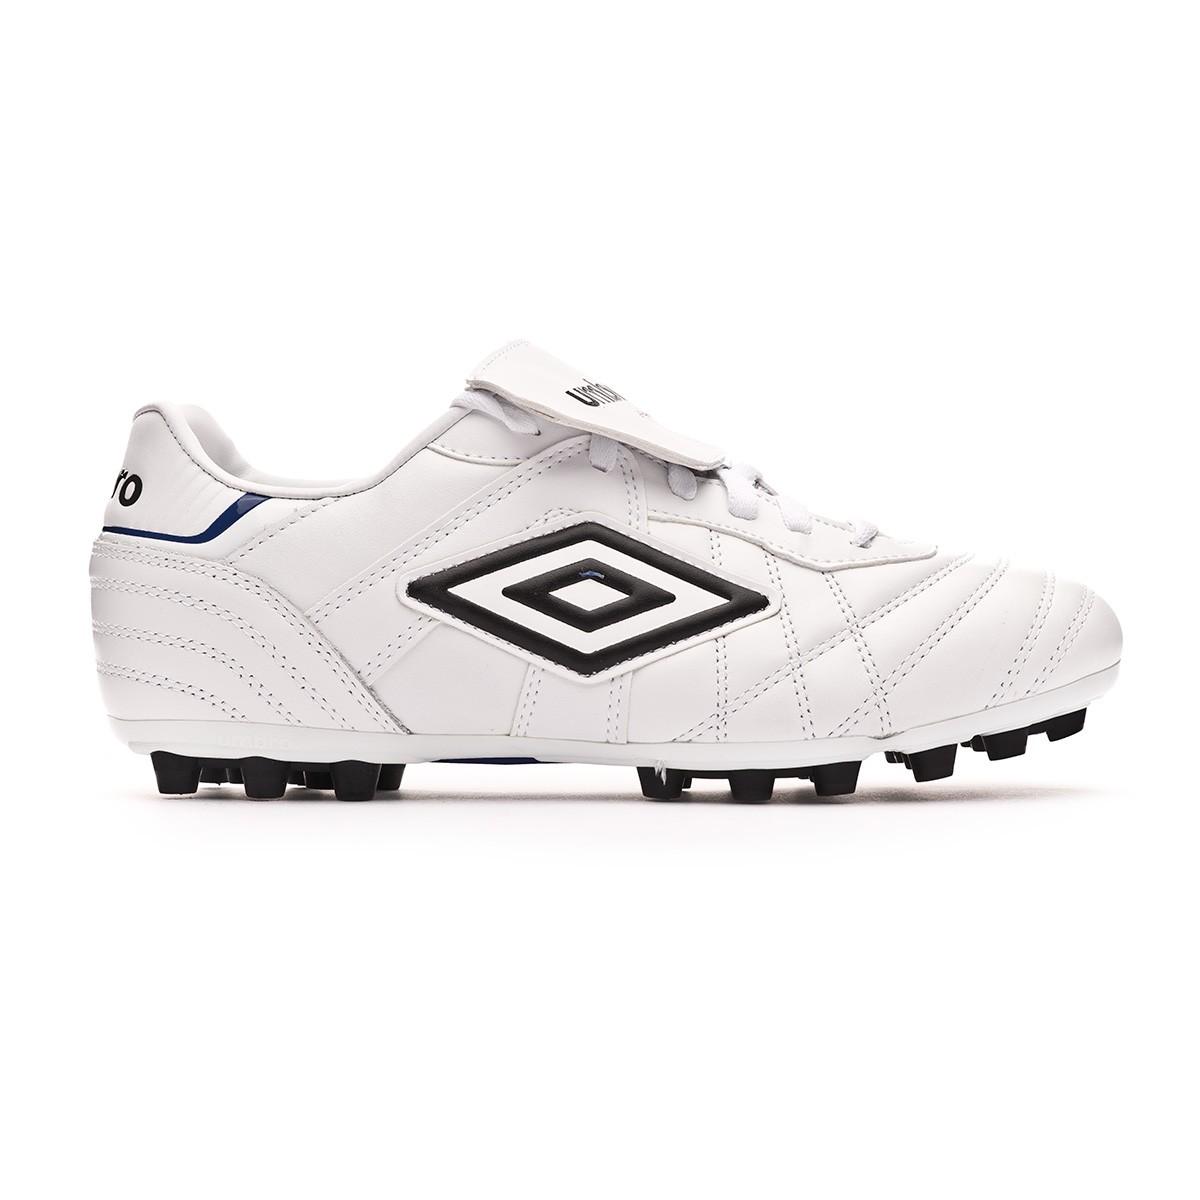 umbro ag football boots